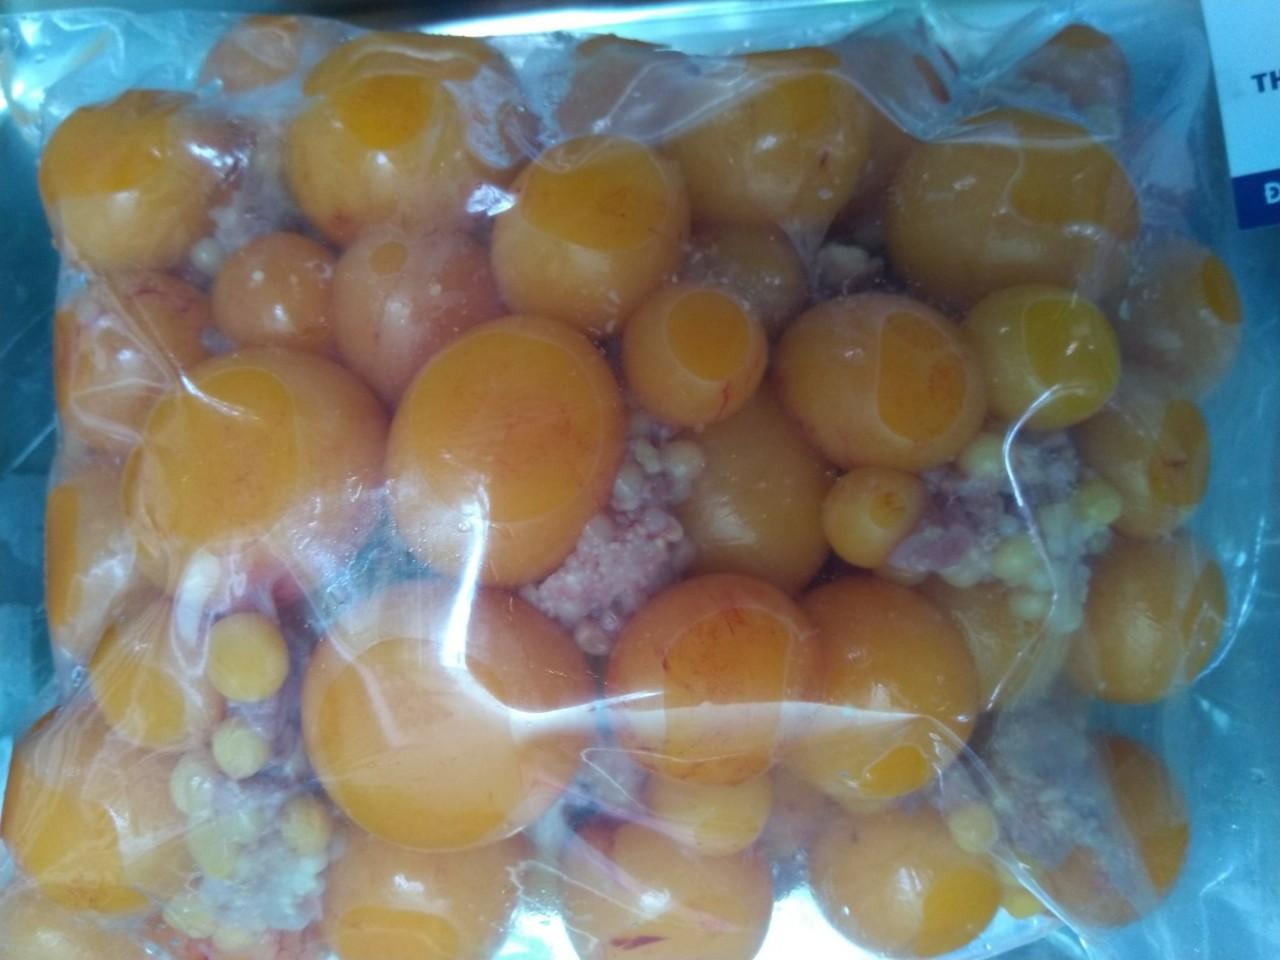 cần mua bán cung cấp trứng gà non tươi tại tphcm - cách chế biến làm món trứng gà non cháy tỏi